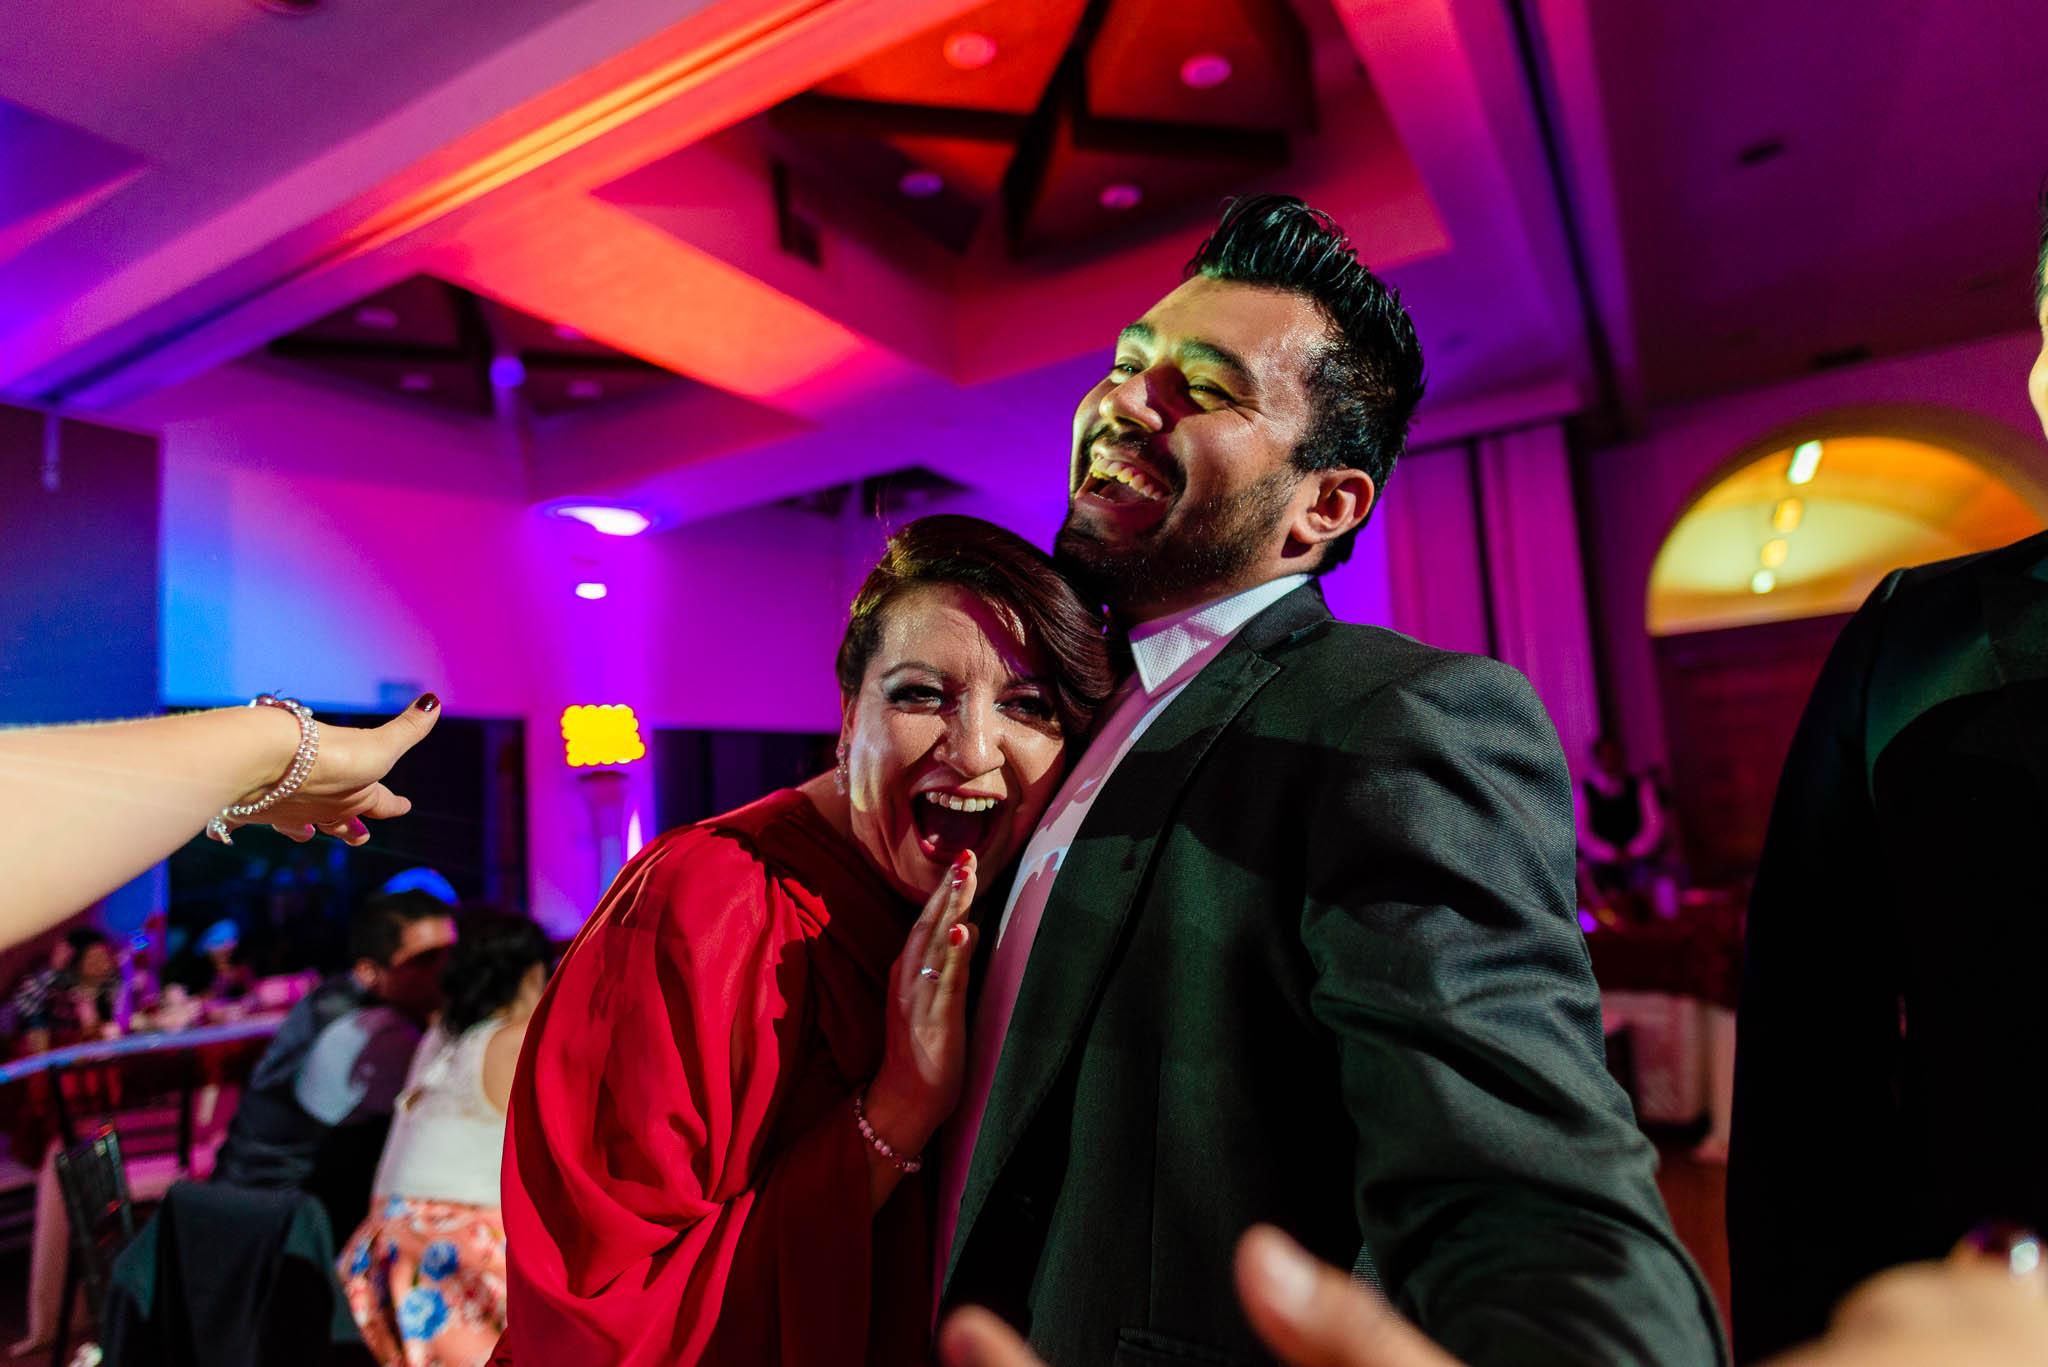 fotografo de bodas san luis potosi boda mexico wedding destination fotos de boda 303